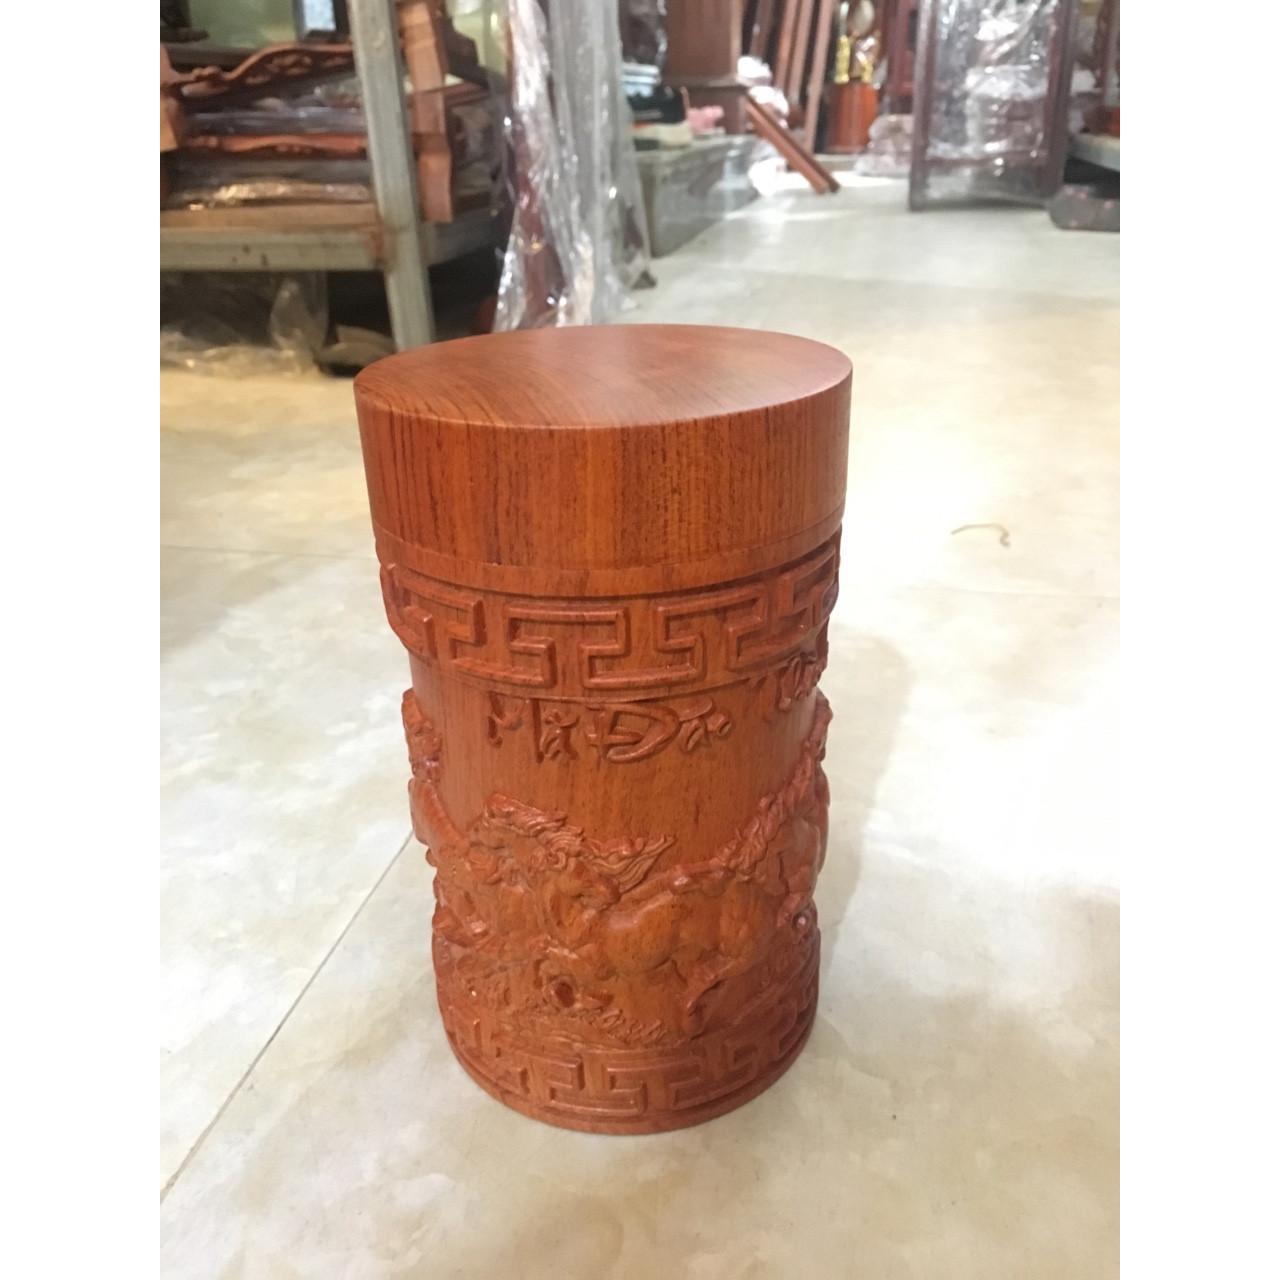 Hộp đựng chè mã đáo thành công gỗ hương cao cấp